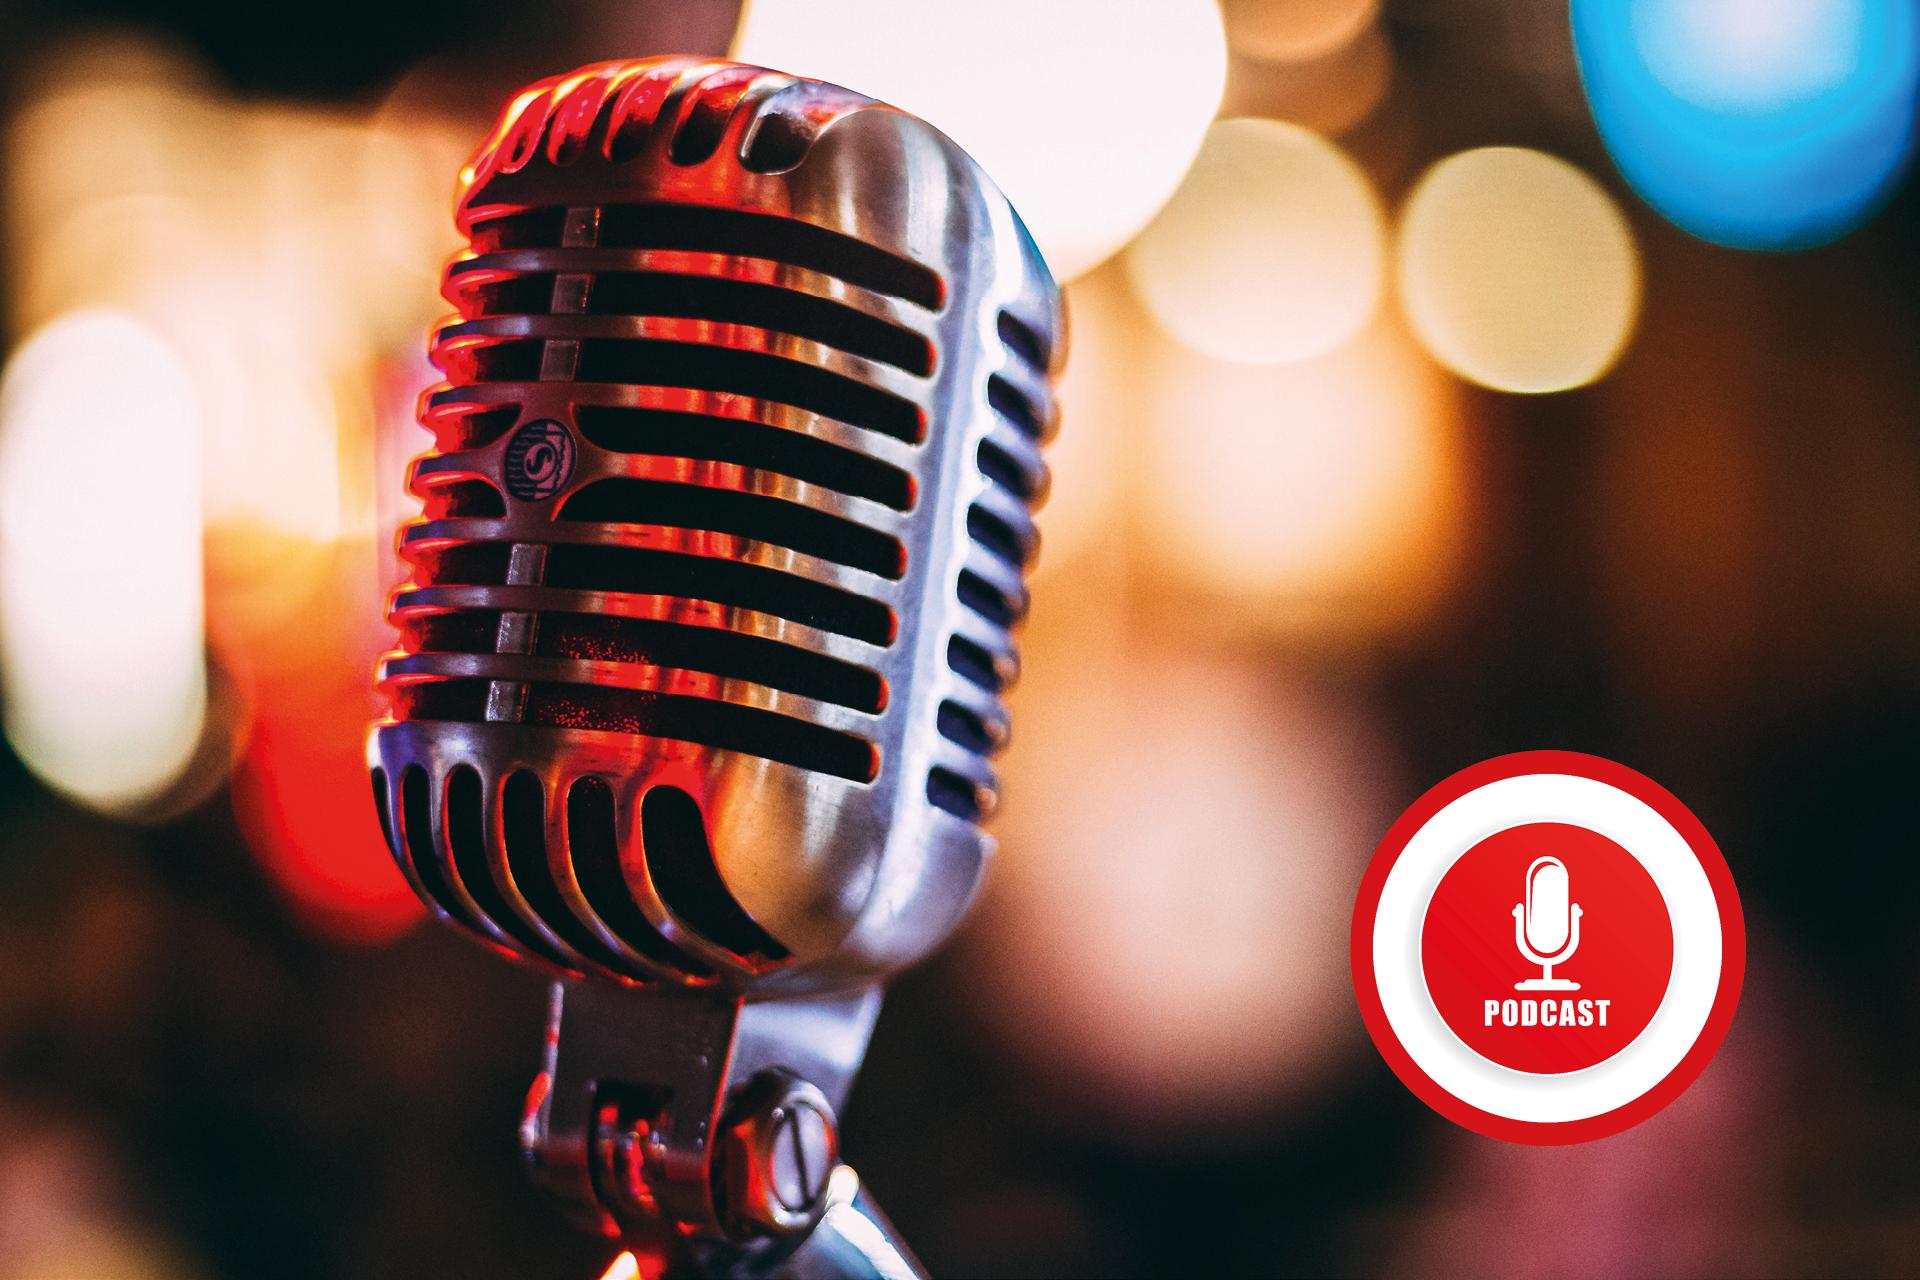 Raum für Technik-Blog: Podcasts in der Internen Kommunikation einsetzen